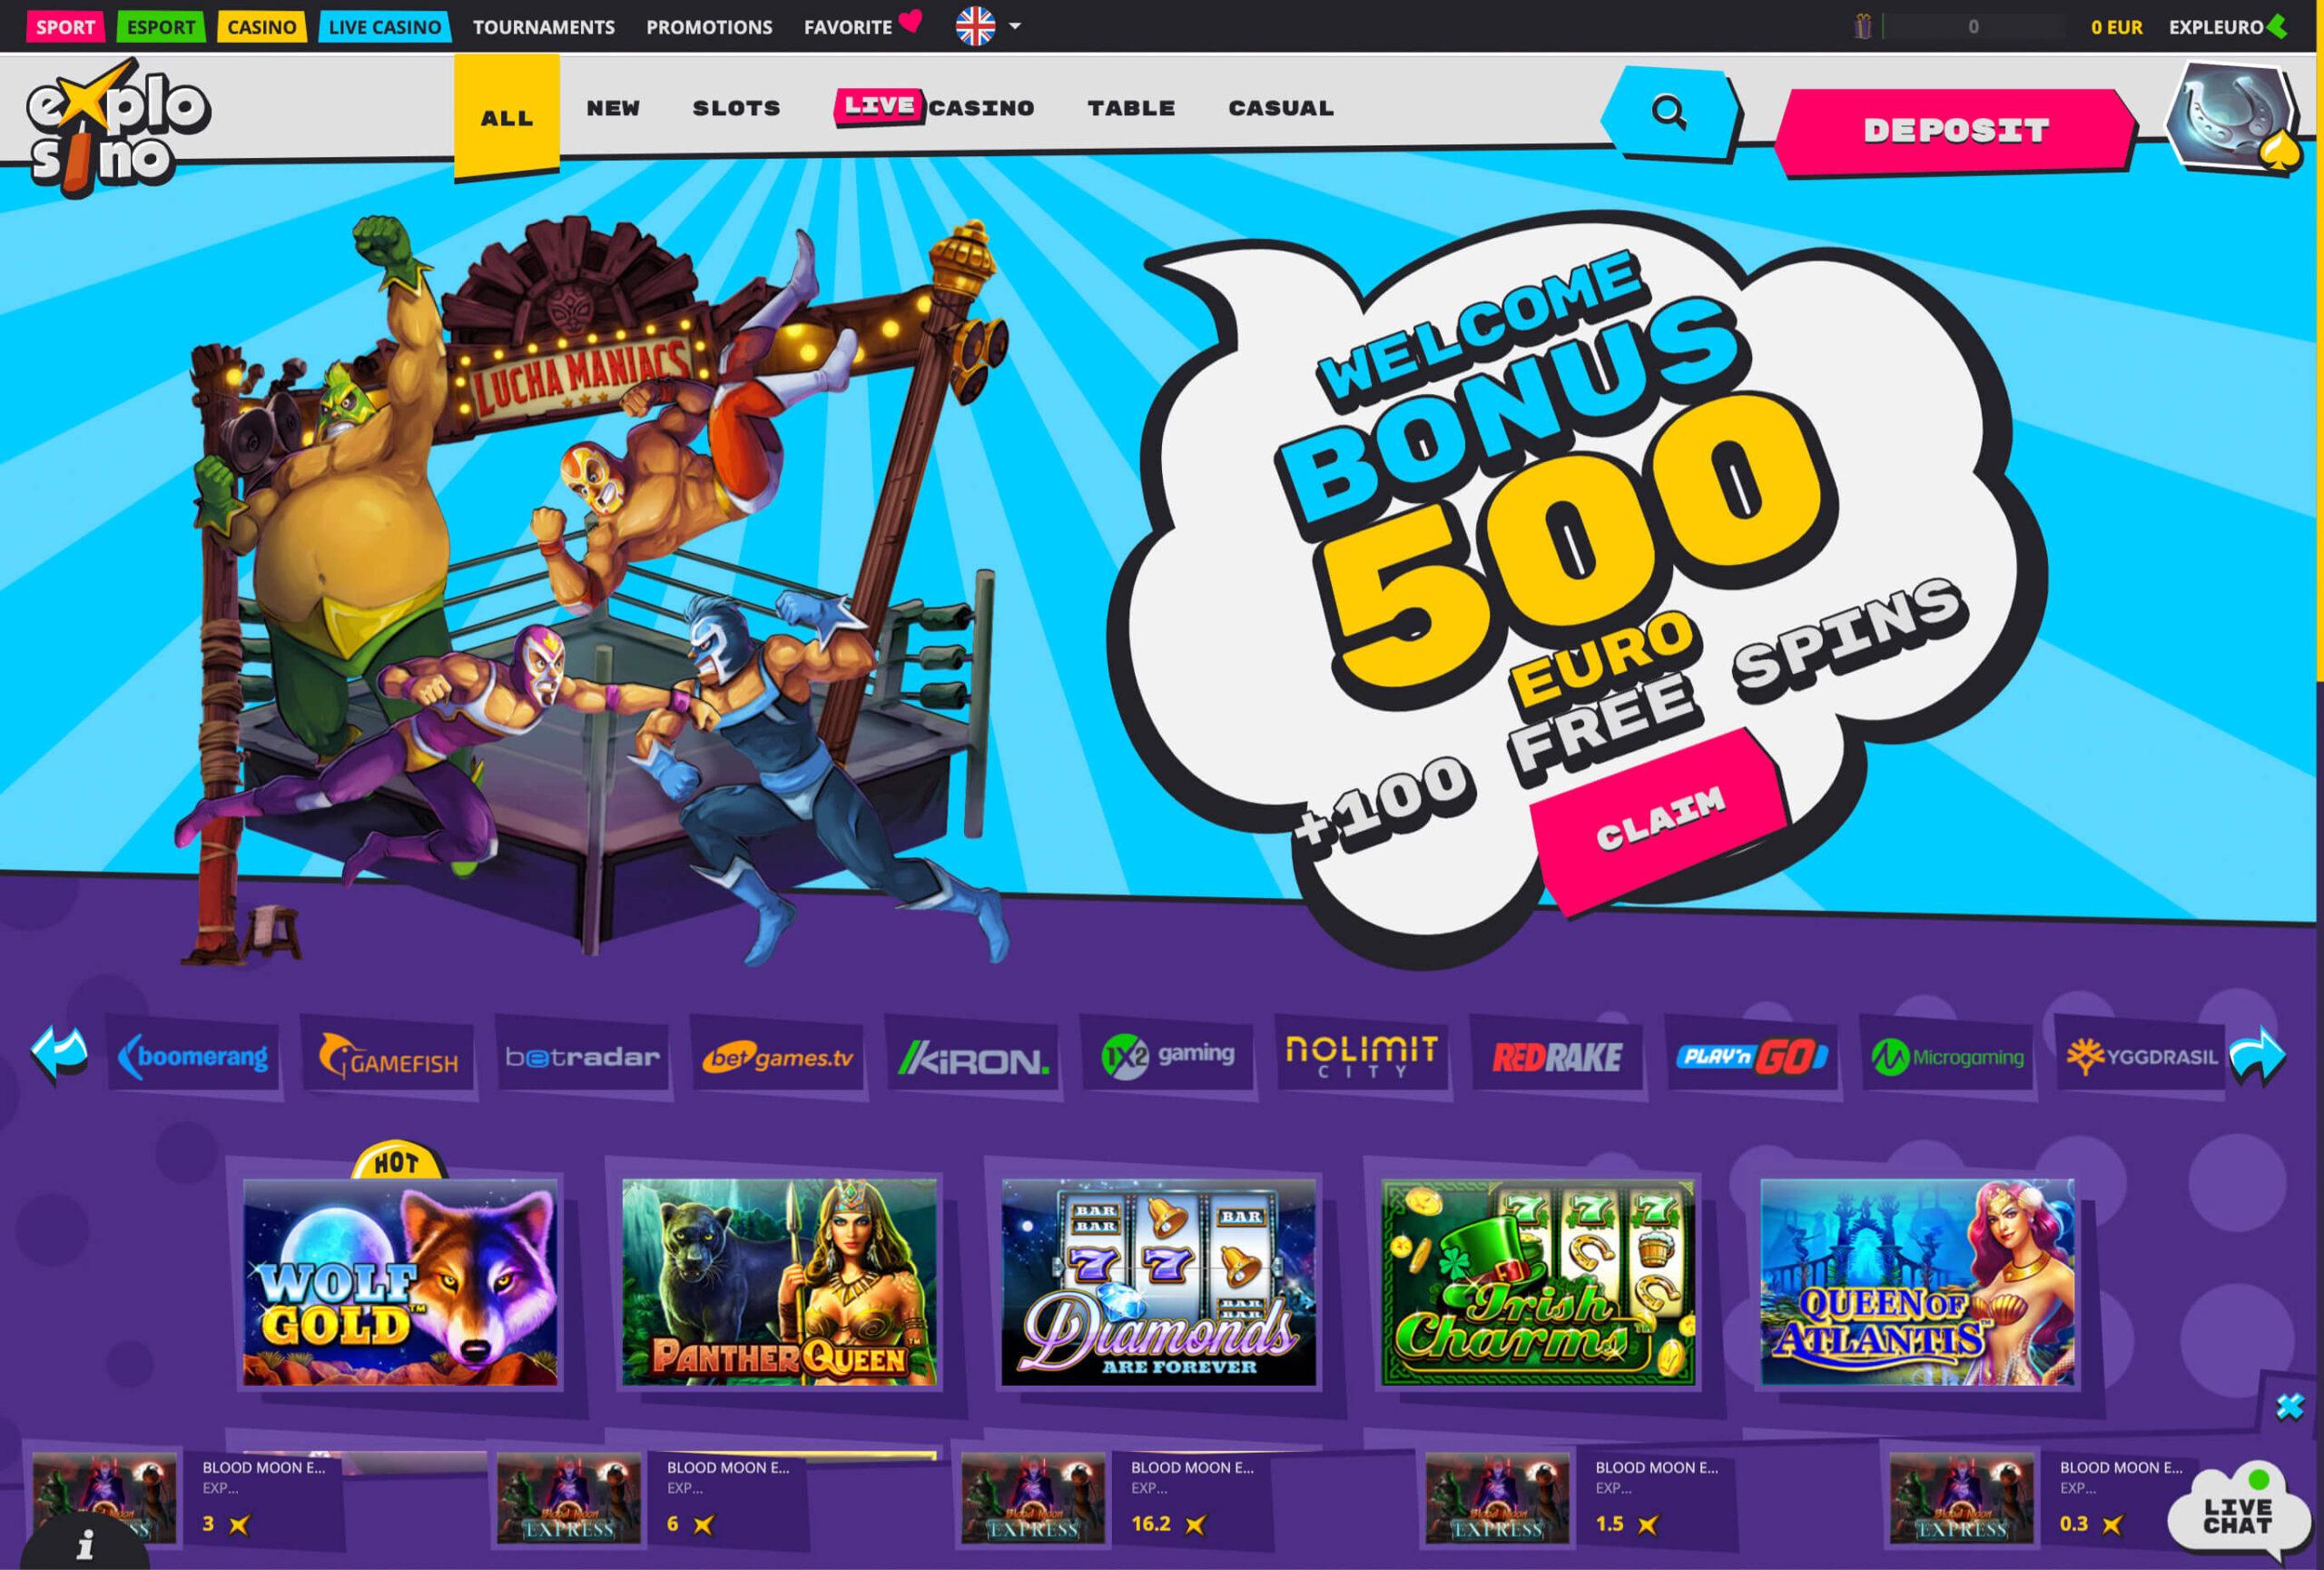 Explosino casino site